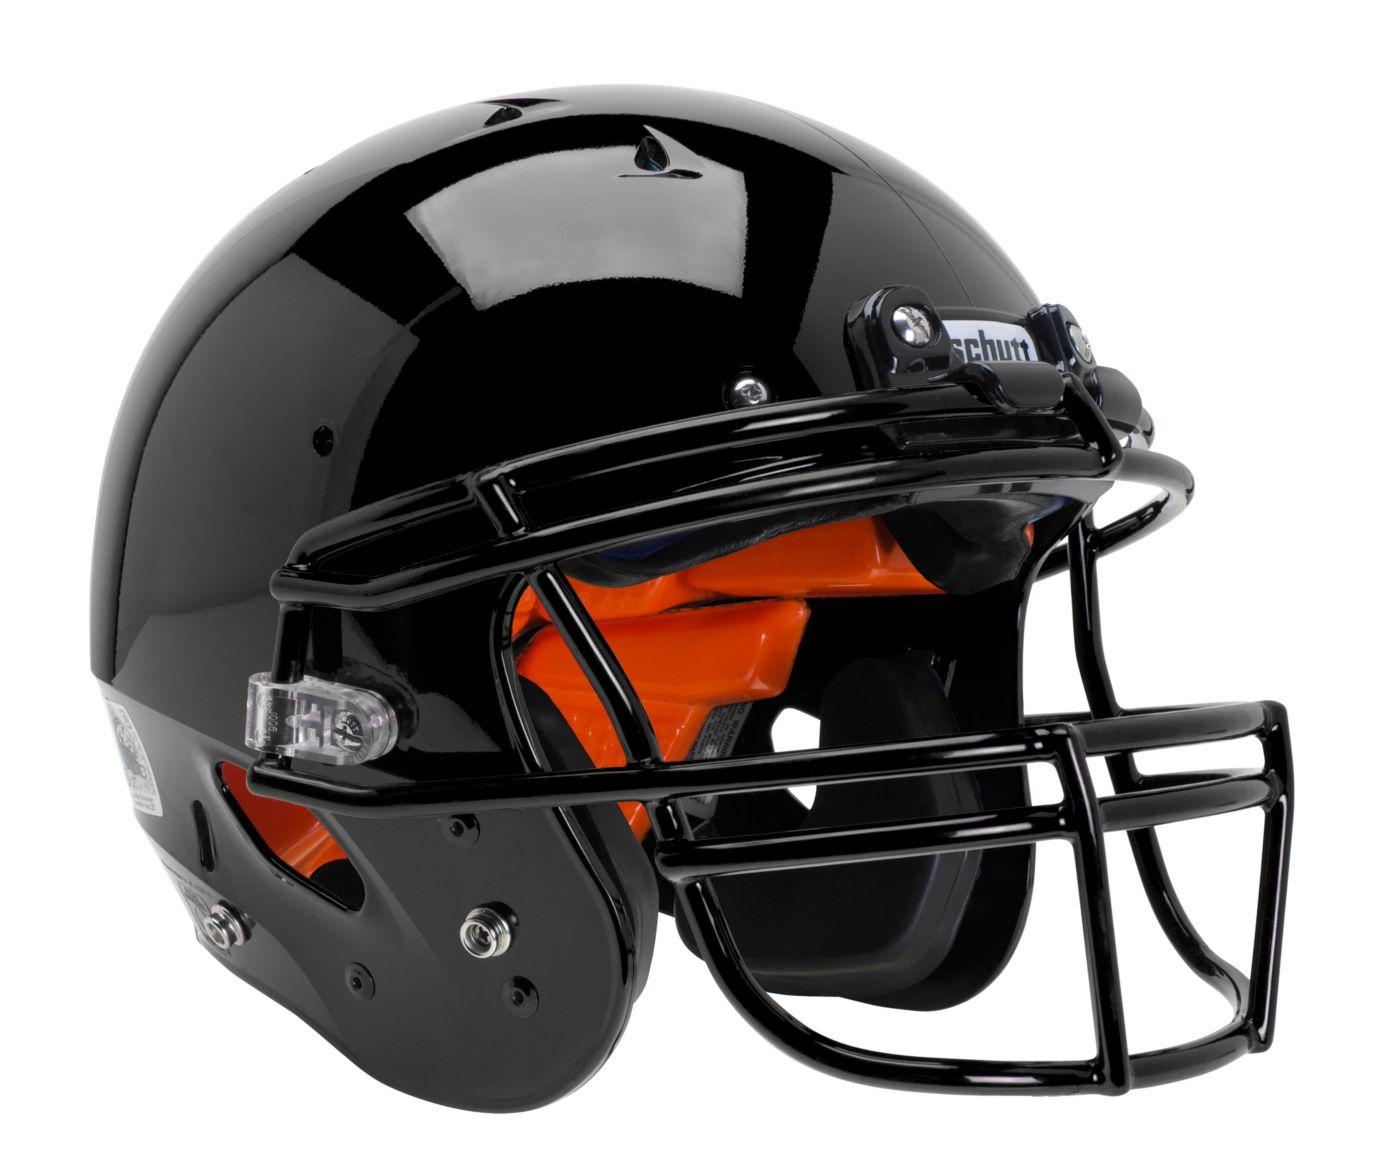 Schutt Youth Recruit R3 Football Helmet w/ DNA Facemask